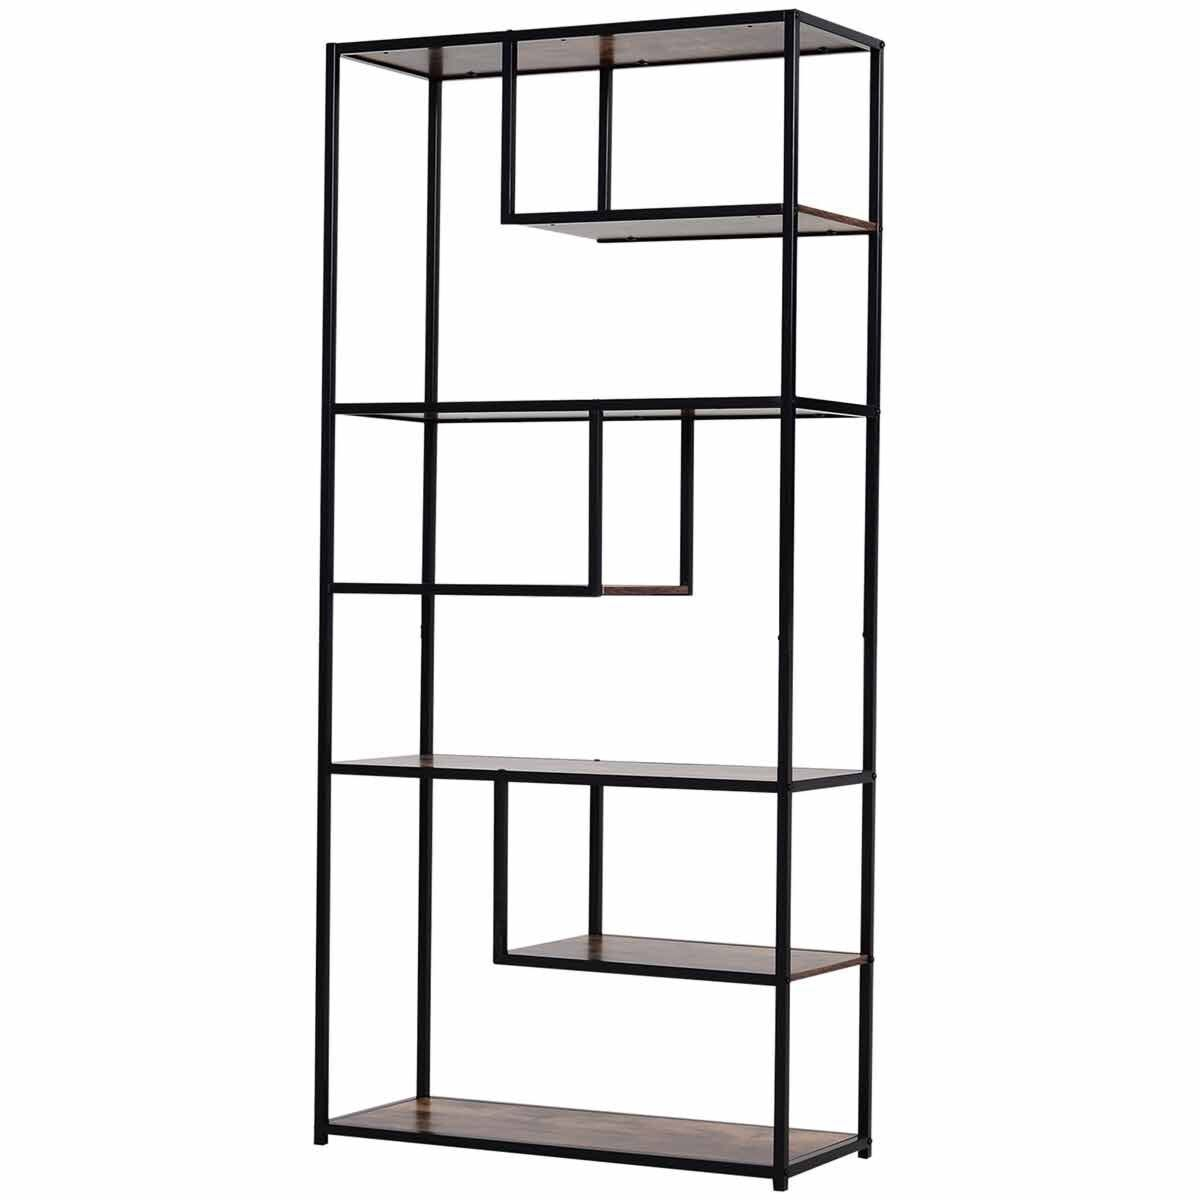 Sawyer Industrial 6-Tier Bookshelf